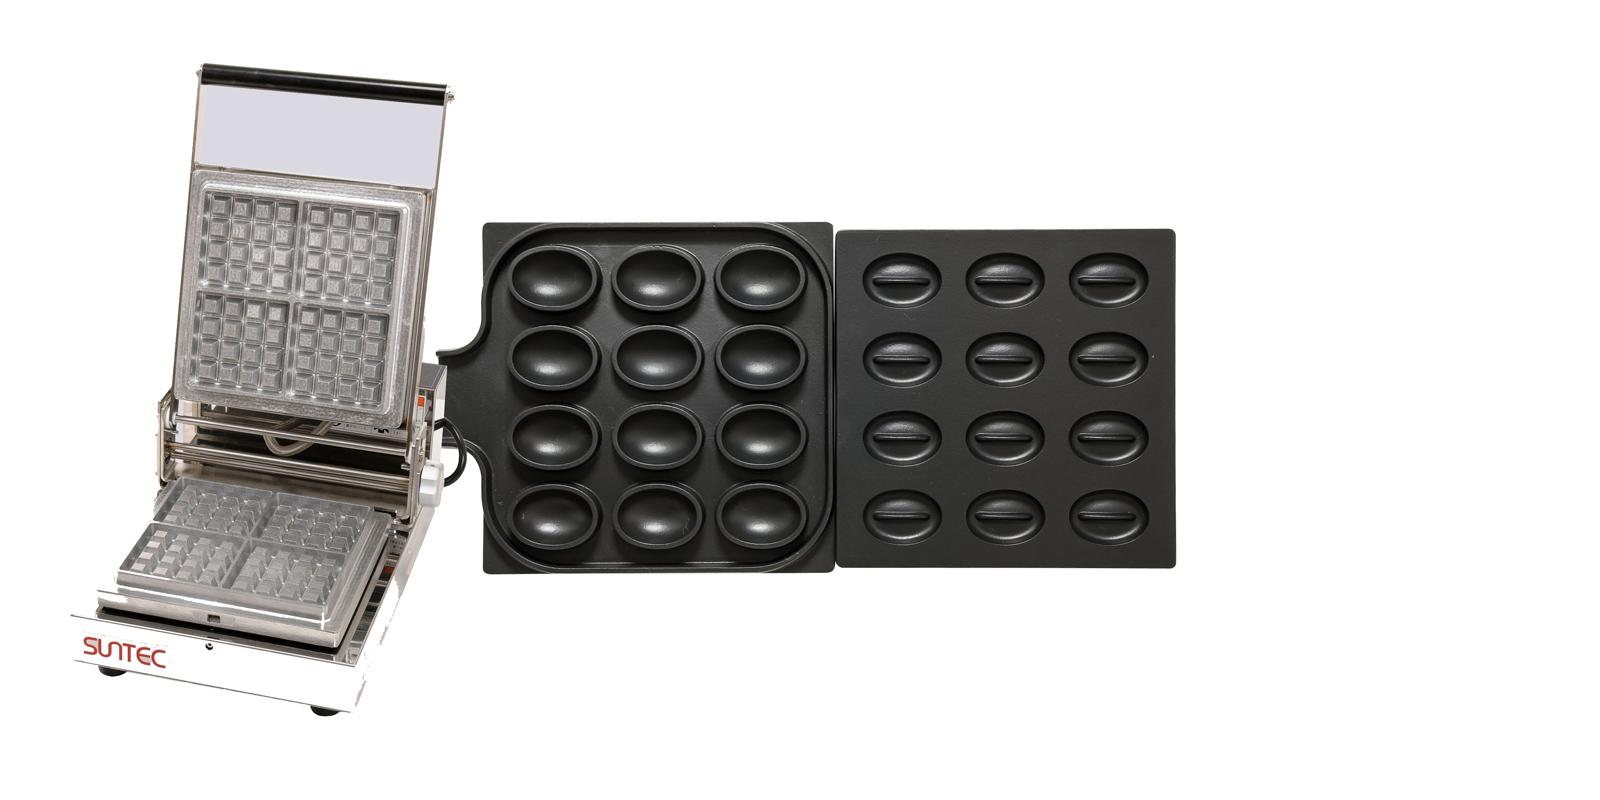 マルチベーカー MAX-1 1連式 カフェボール [運賃別途お見積り] [メーカー直送 代引き不可] 6-0860-0205【厨房用品 軽食 鉄板焼用品 ファーストフード関連品 業務用 販売 通販】[10P03Dec16]